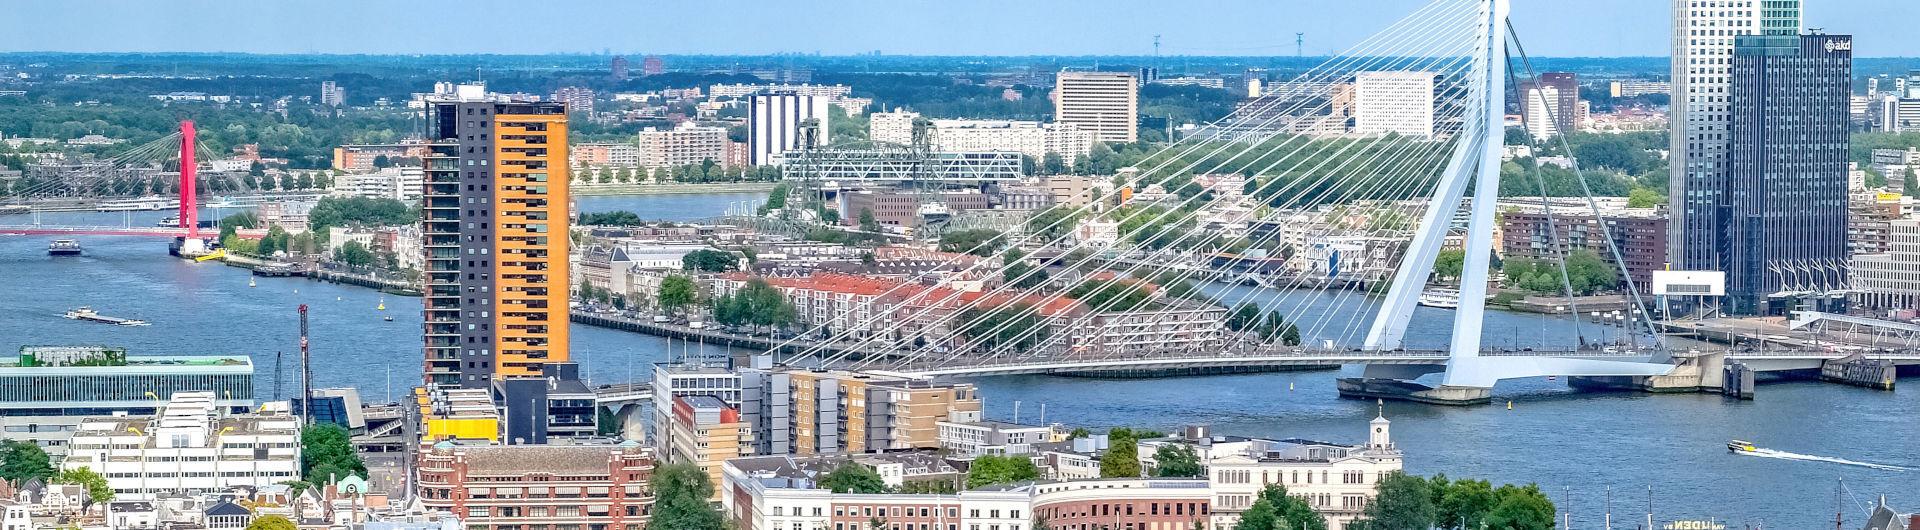 header-stad-rotterdam-cc0-djedj-via-pixabay